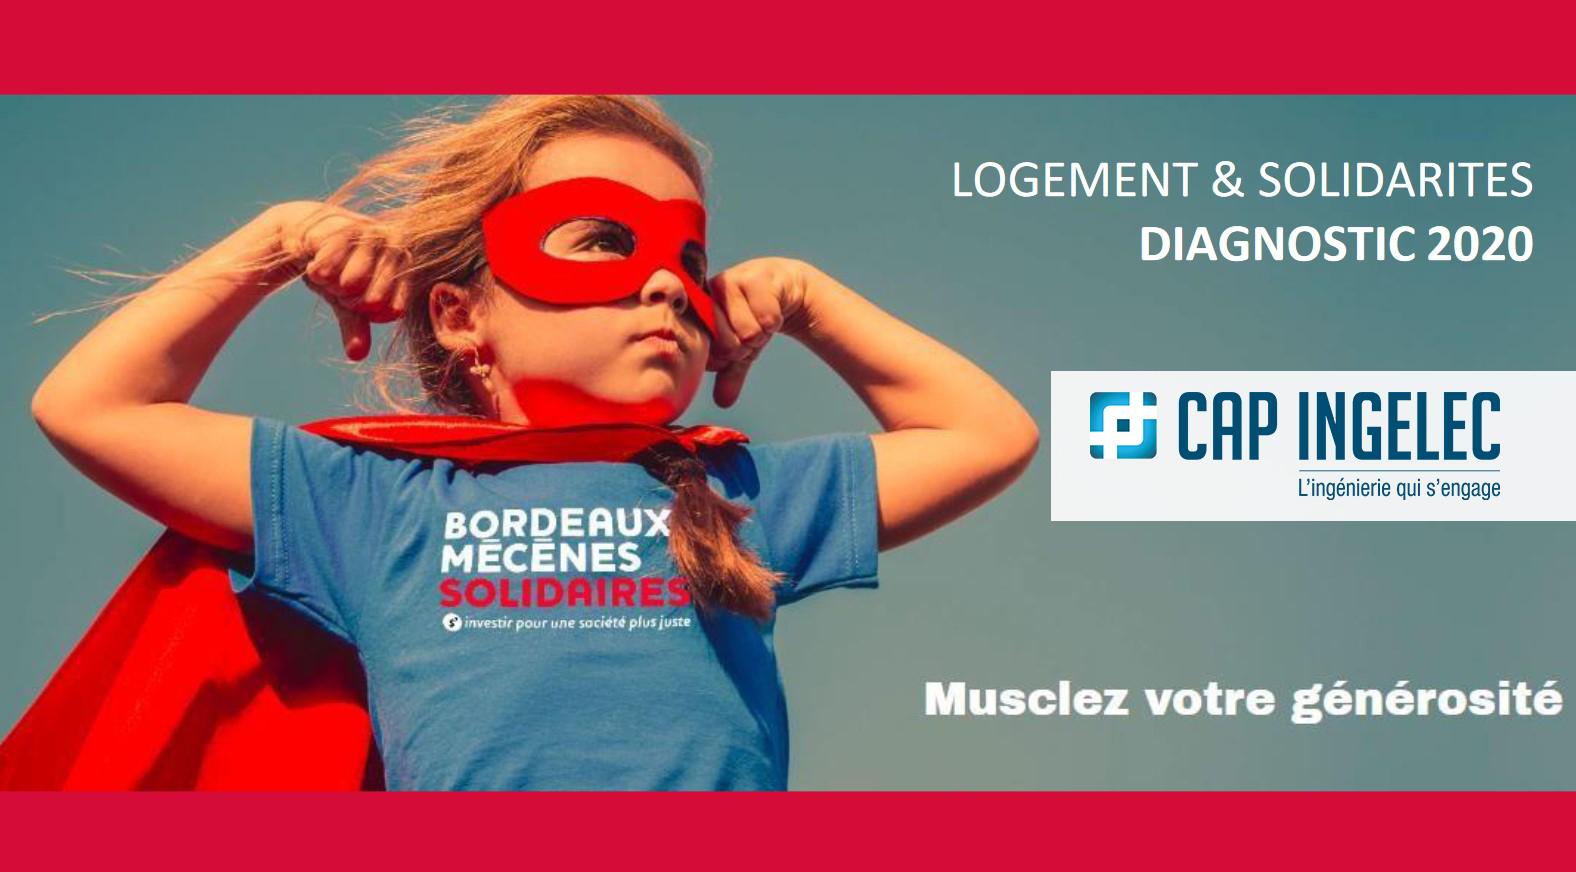 Bordeaux Mécènes Solidaire